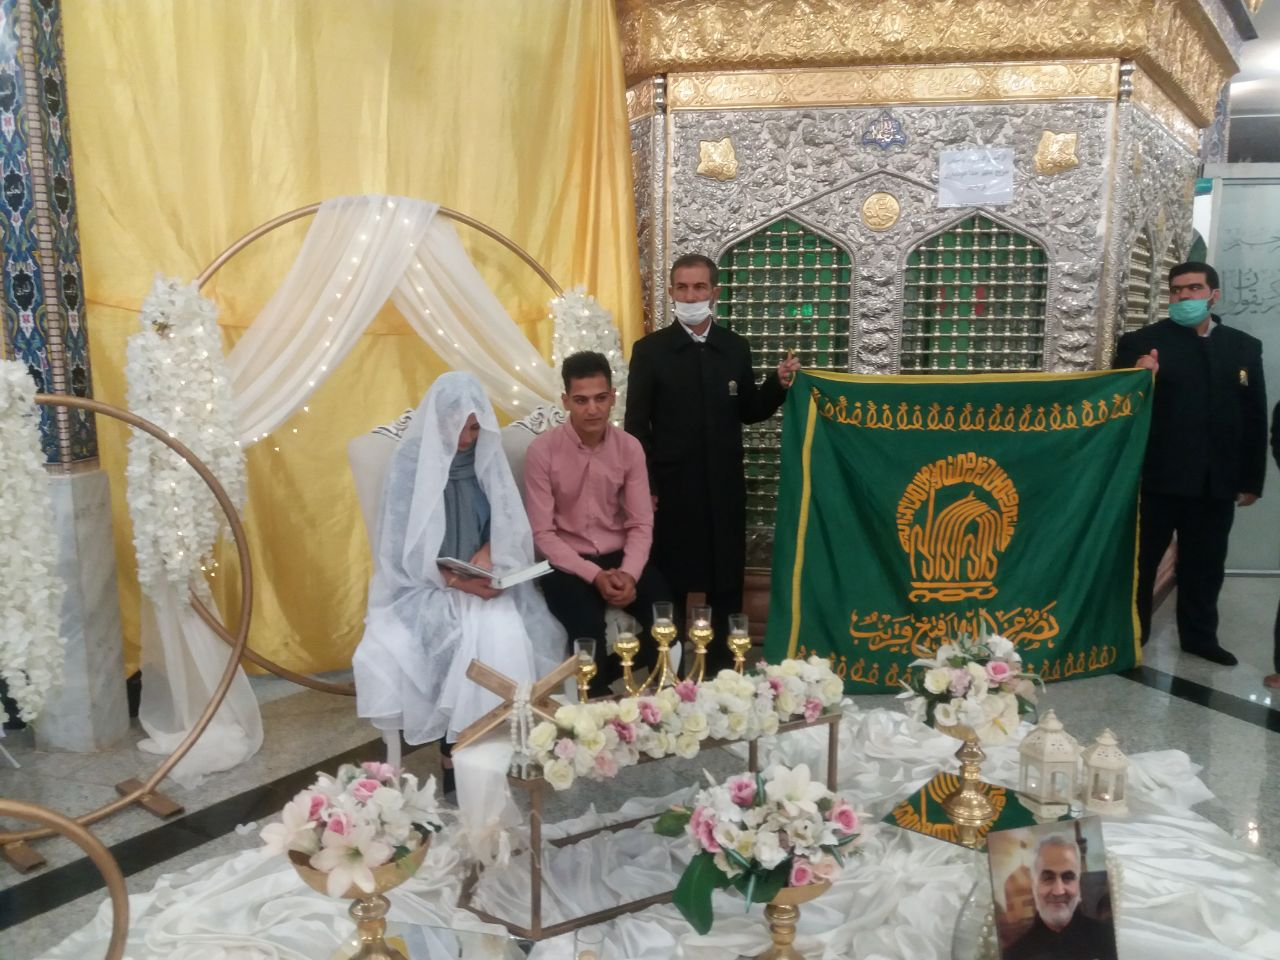 پیوند آسمانی ۳ زوج بیرجندی زیر پرچم سبز حرم رضوی برگزار شد